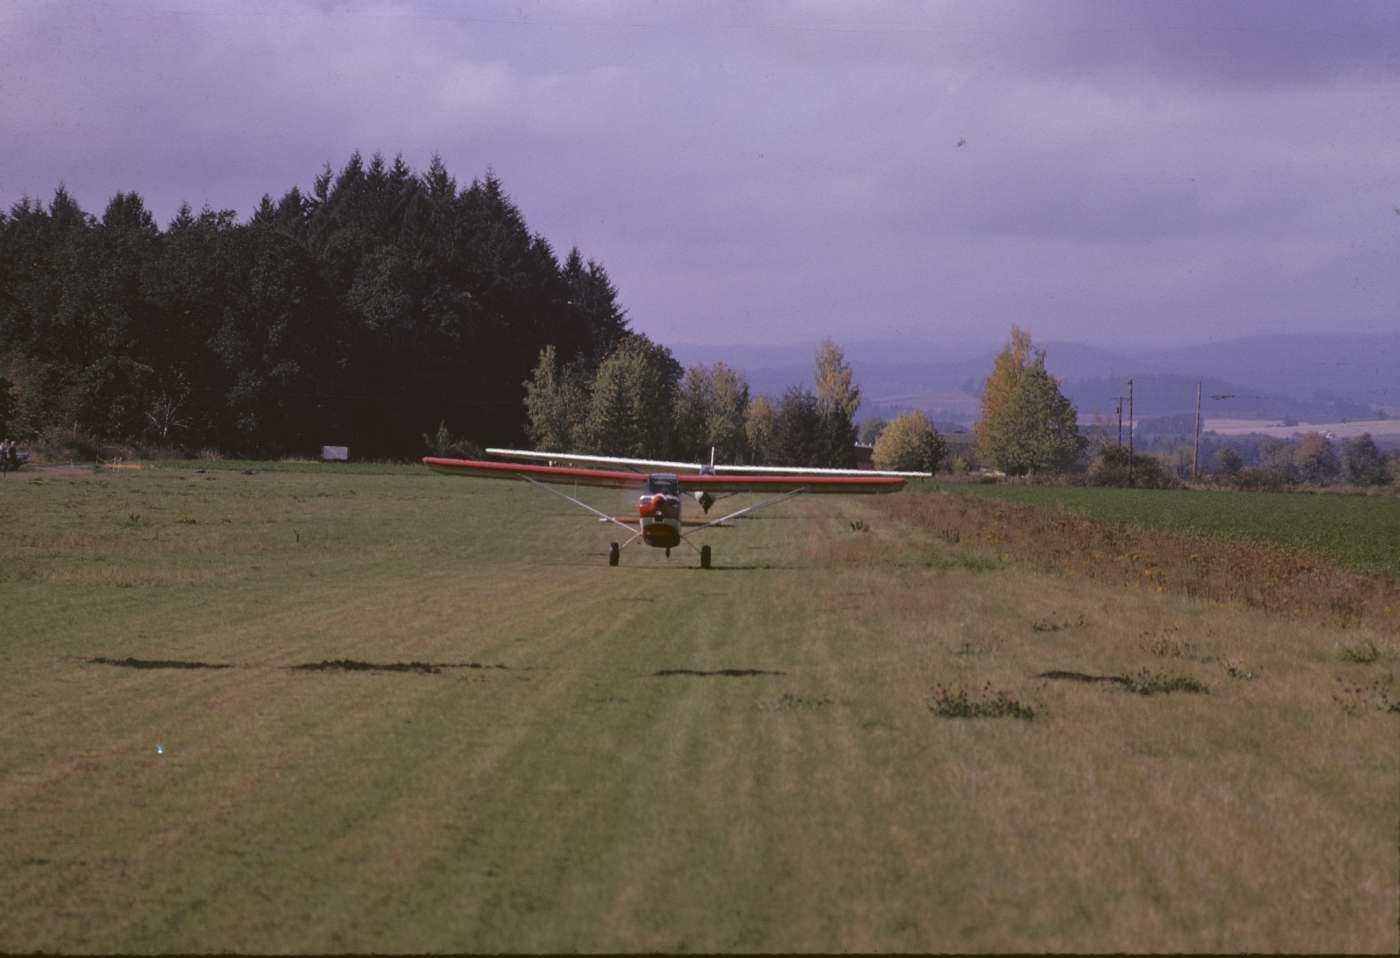 Gliderport_74.jpg